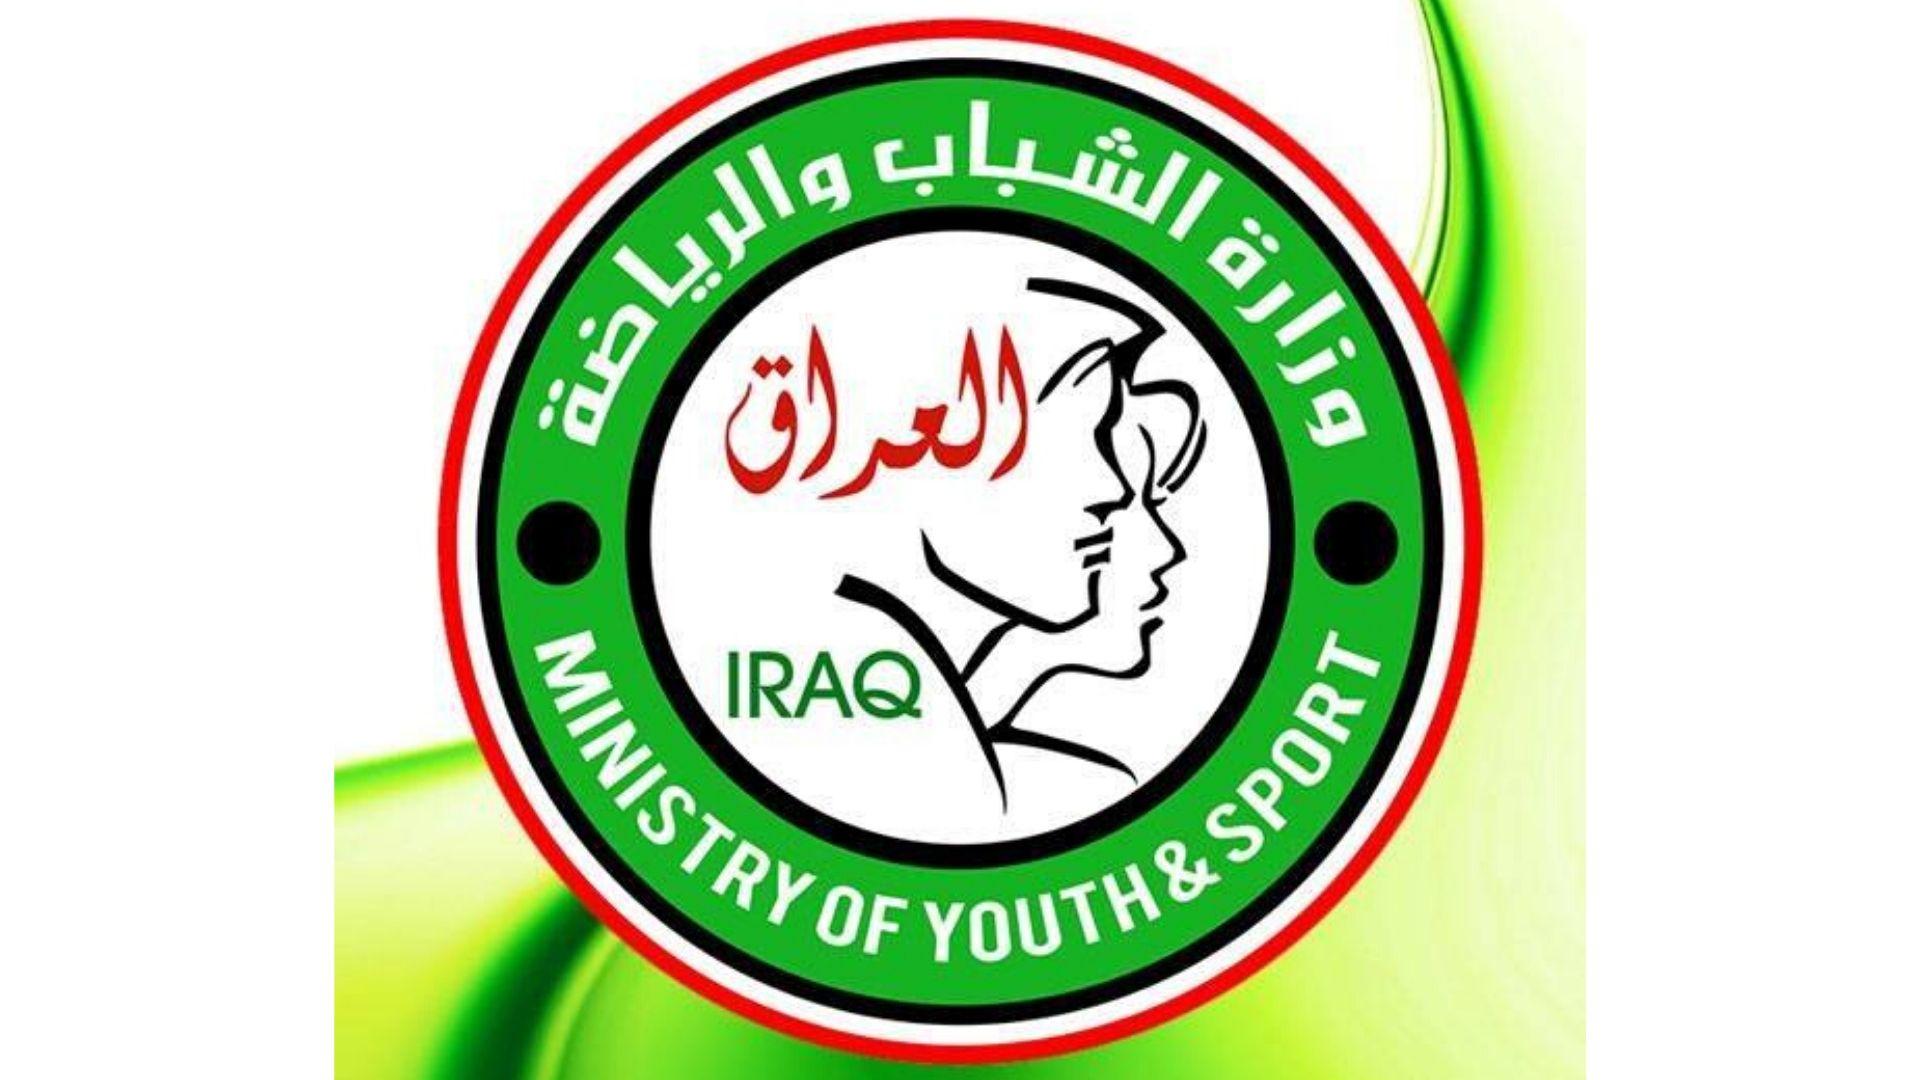 العراق سيستضيف الدورة العربية الرياضية عام ٢٠٢١